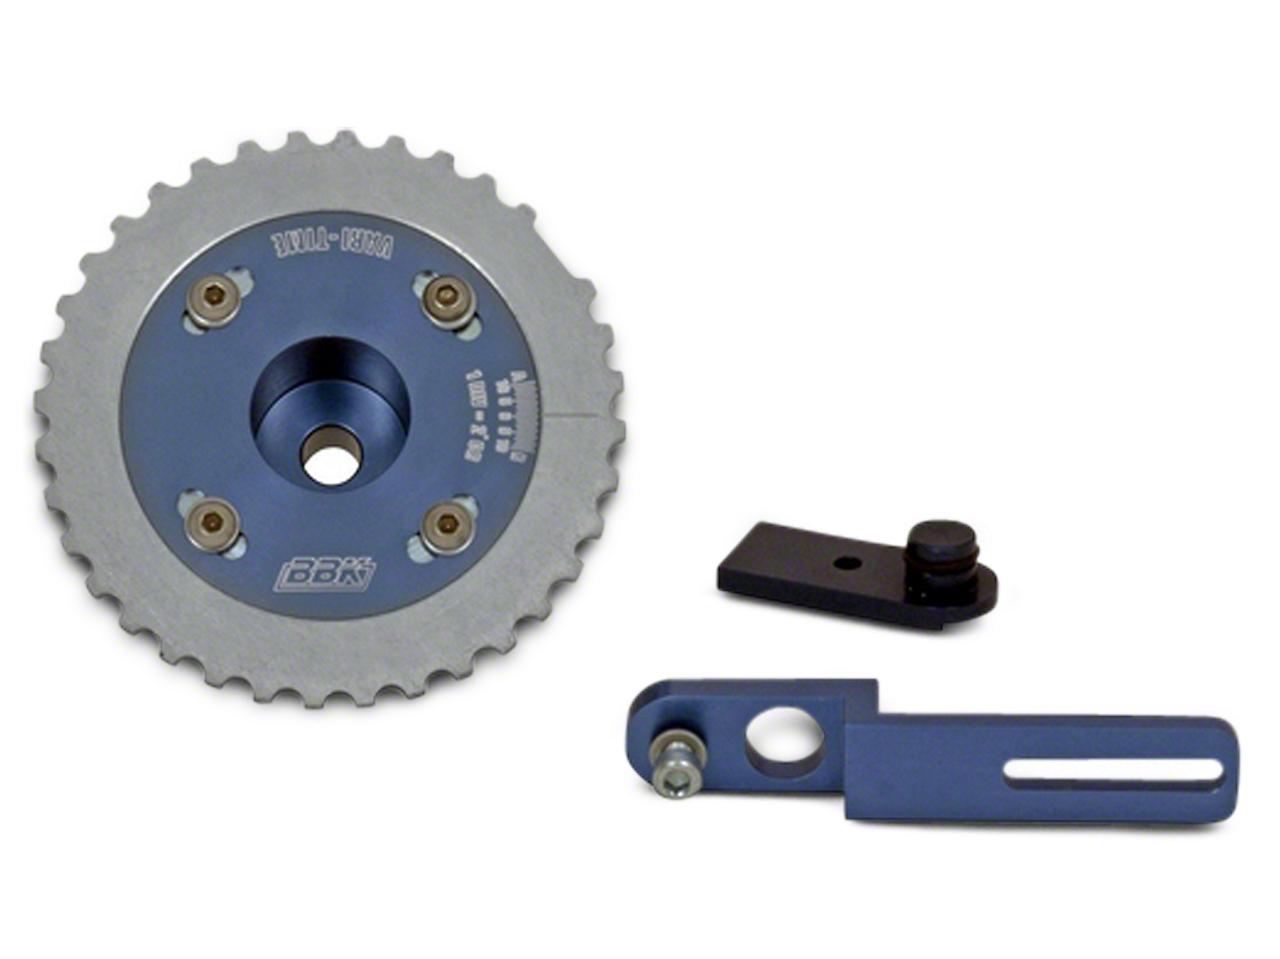 BBK Variable Timing Adjuster Crank Pulley Kit (99-03 Lightning; 02-03 Harley Davidson)